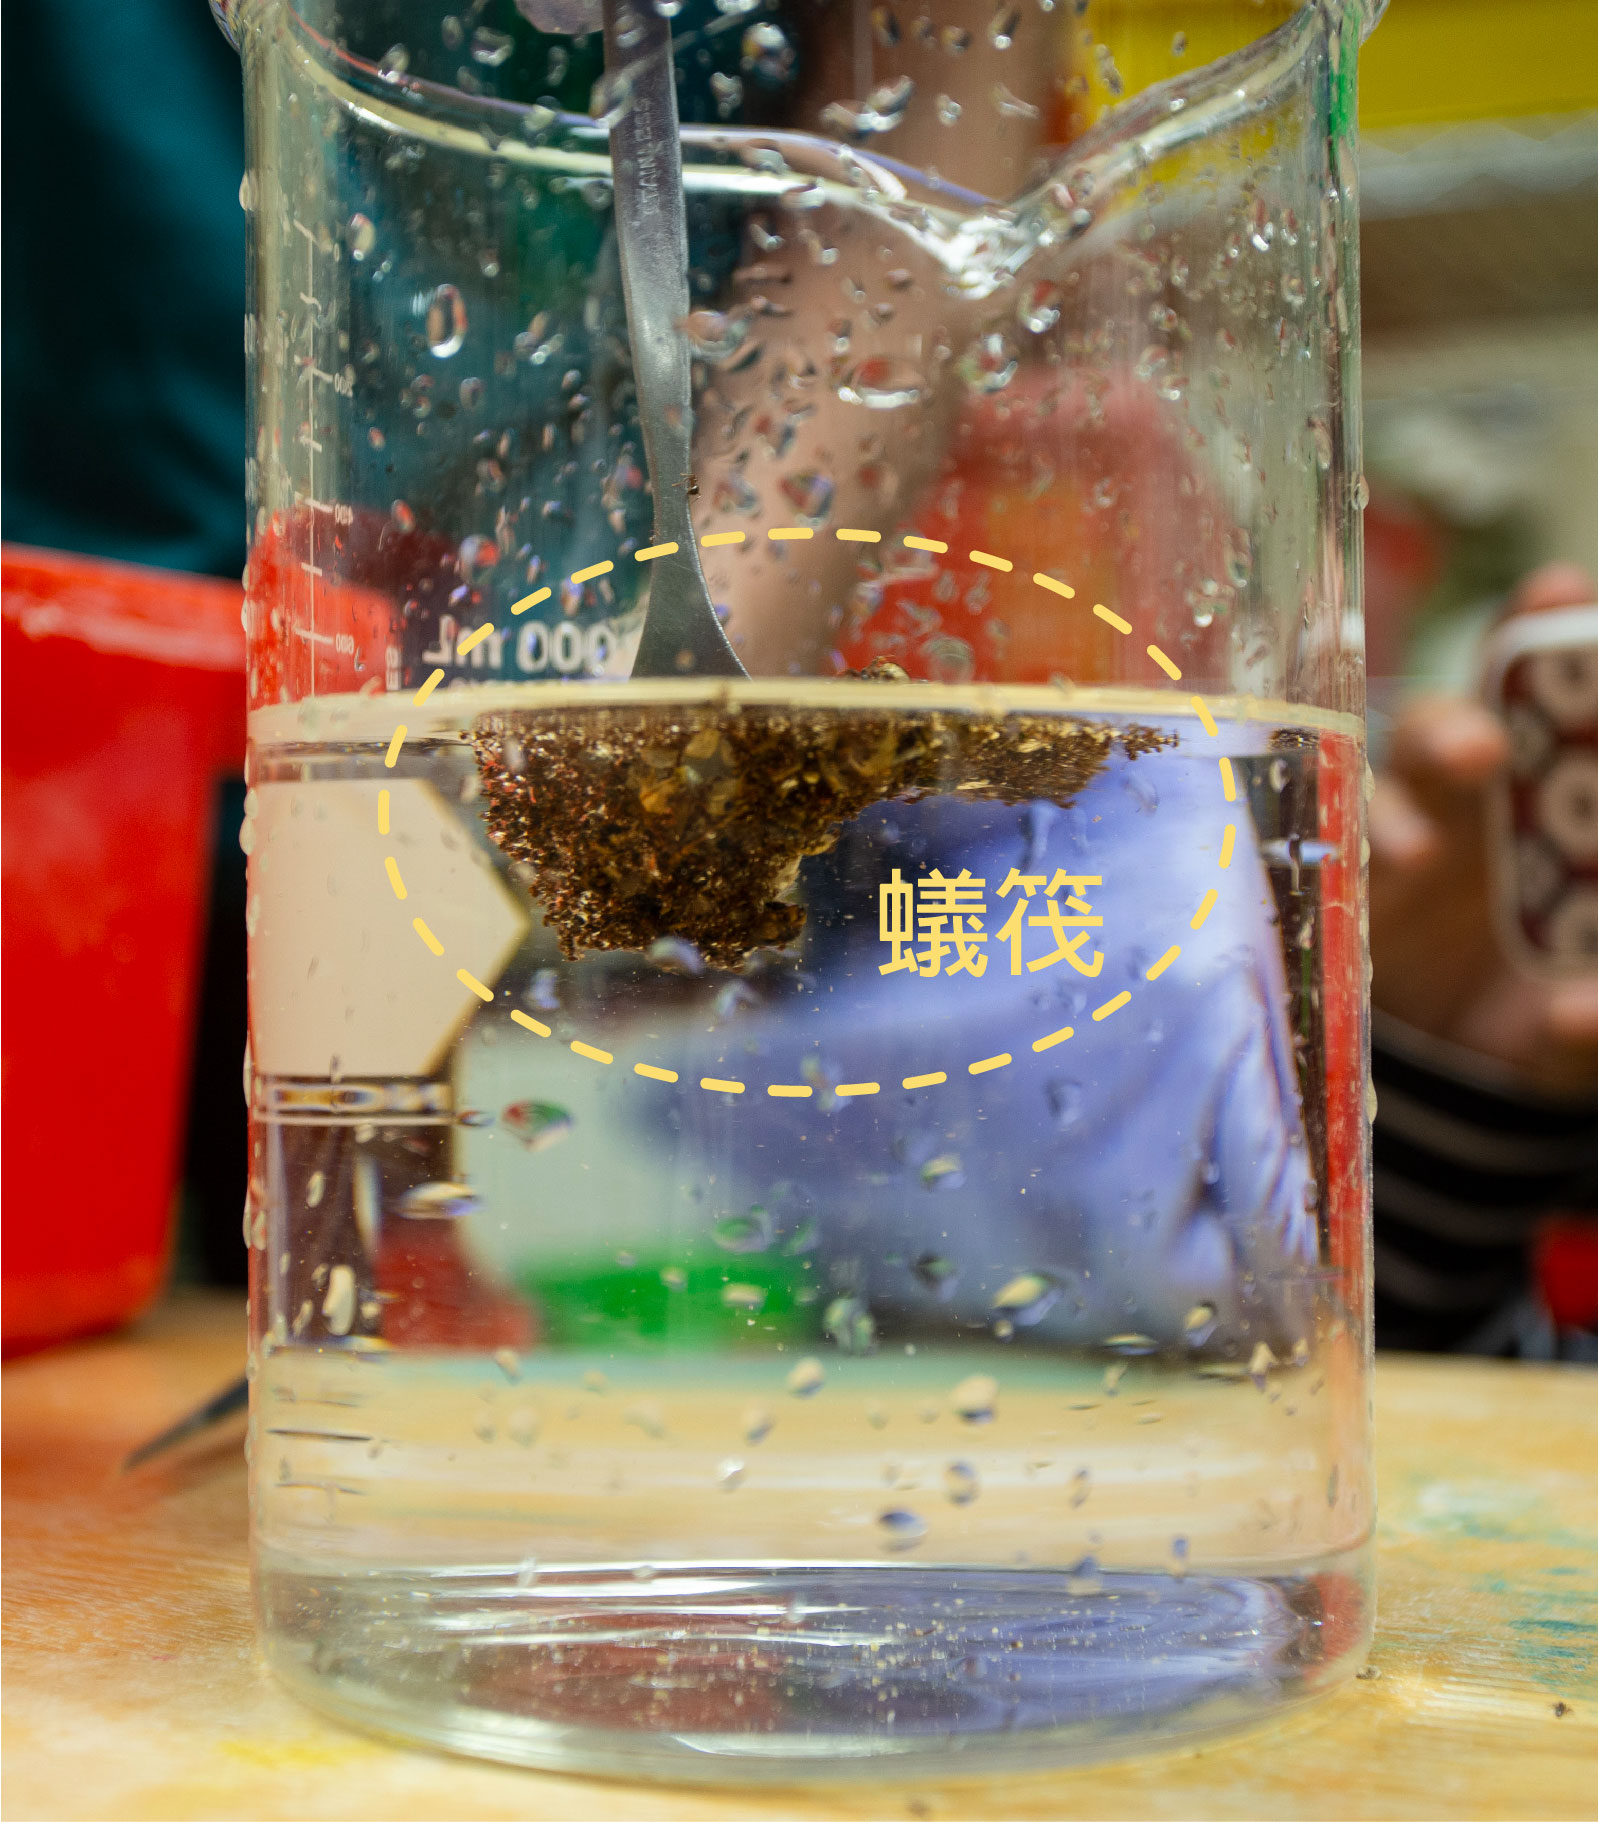 紅火蟻的蟻筏。把紅火蟻丟入水中,牠們會用大顎咬住彼此的腳,組成一顆球狀或筏狀,把蟻后和卵、幼蟲放在「球」中間保護,稱為「蟻筏」,藉此在水面漂流,找機會登陸。圖│研之有物